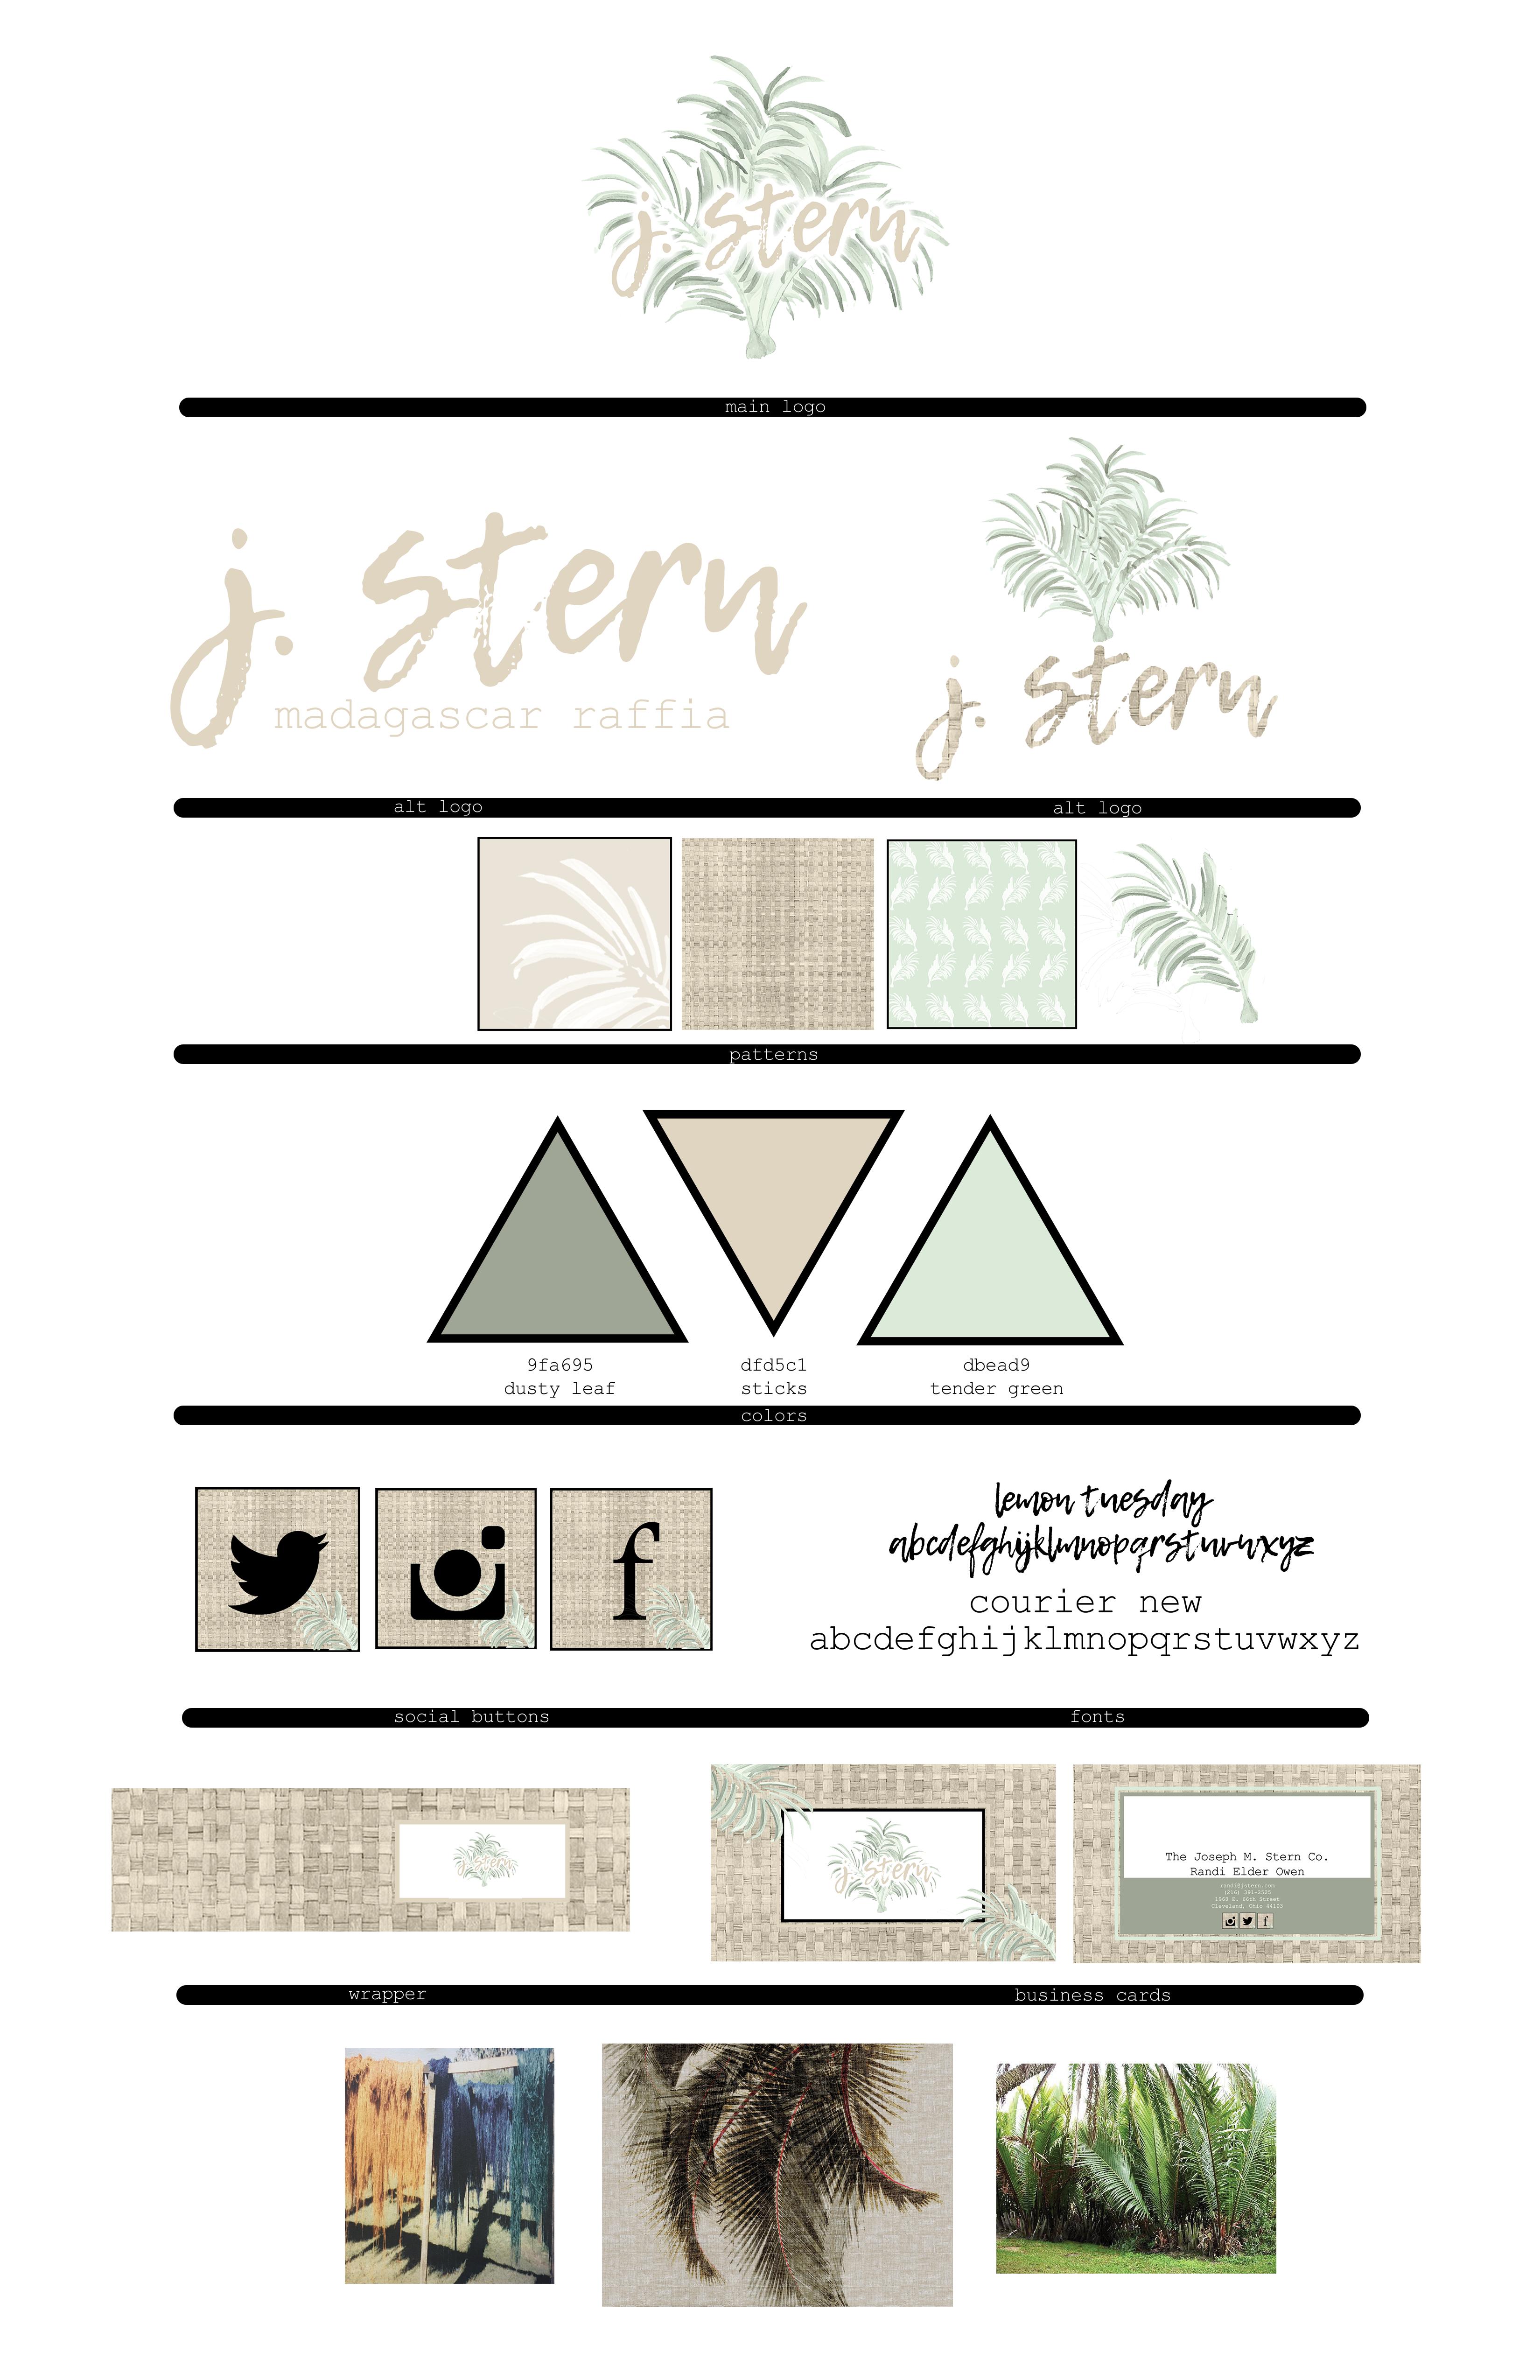 Jstern-board3